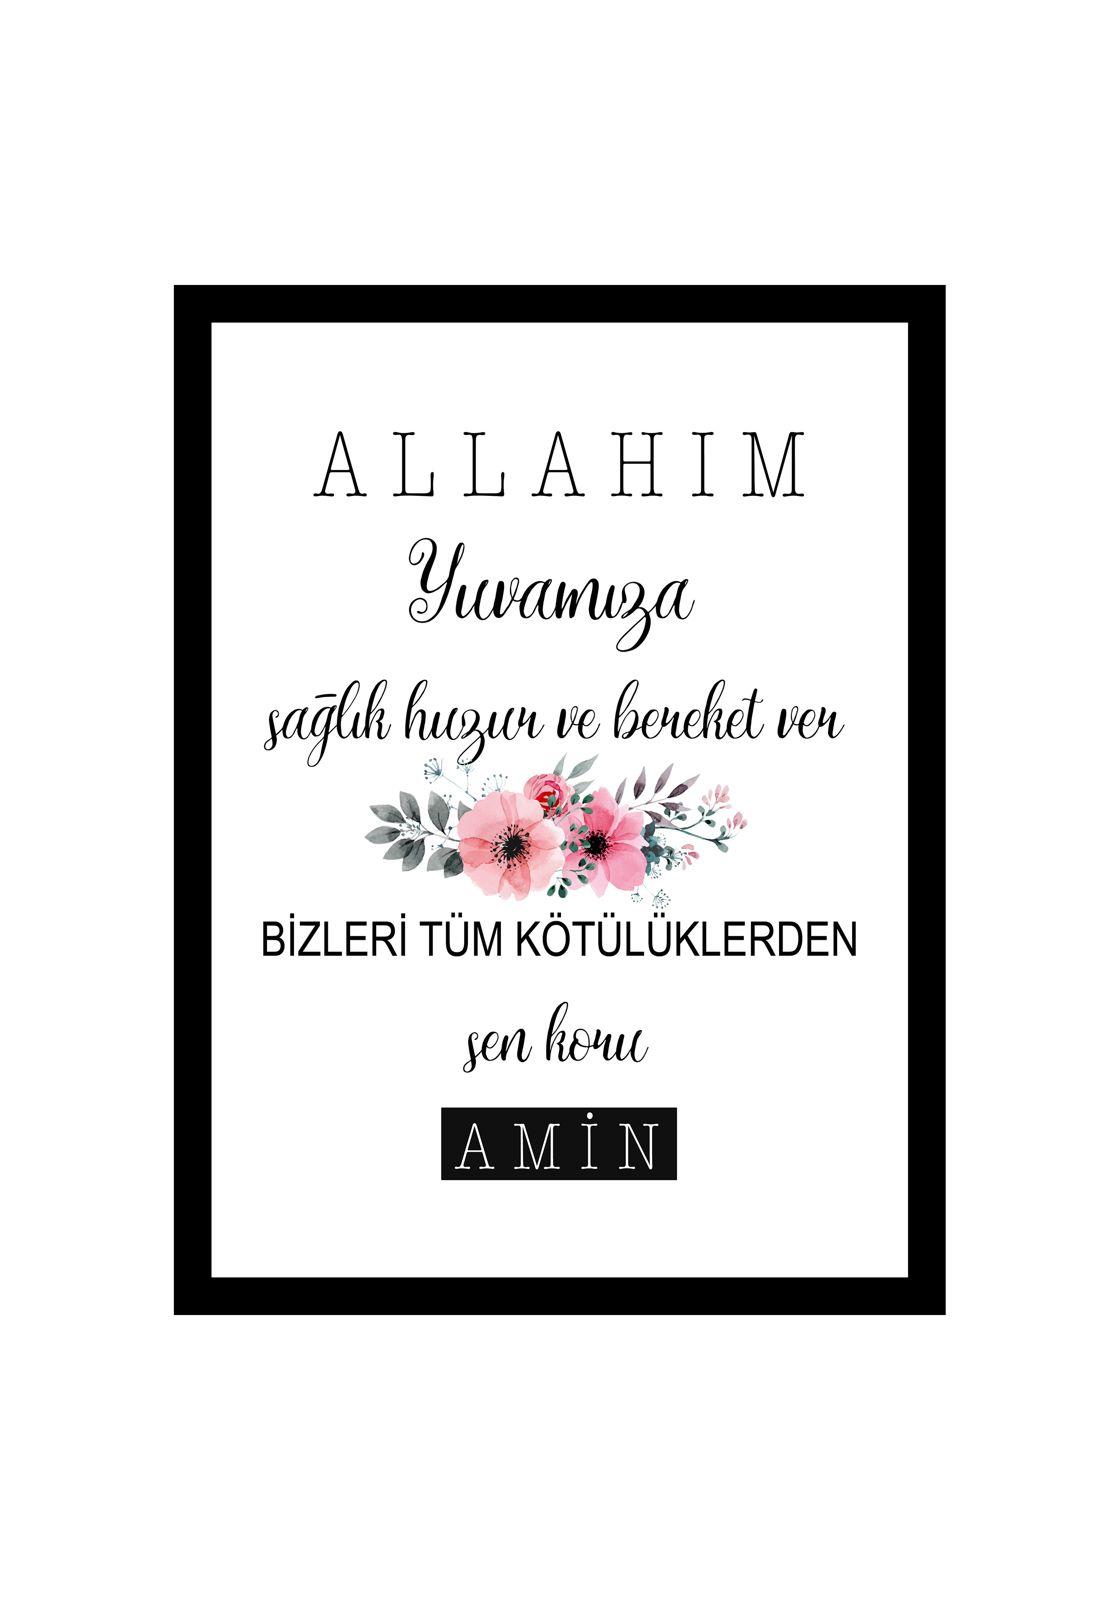 Dua Allahım yuvamıza sağlık huzur ve bereket ver_opt